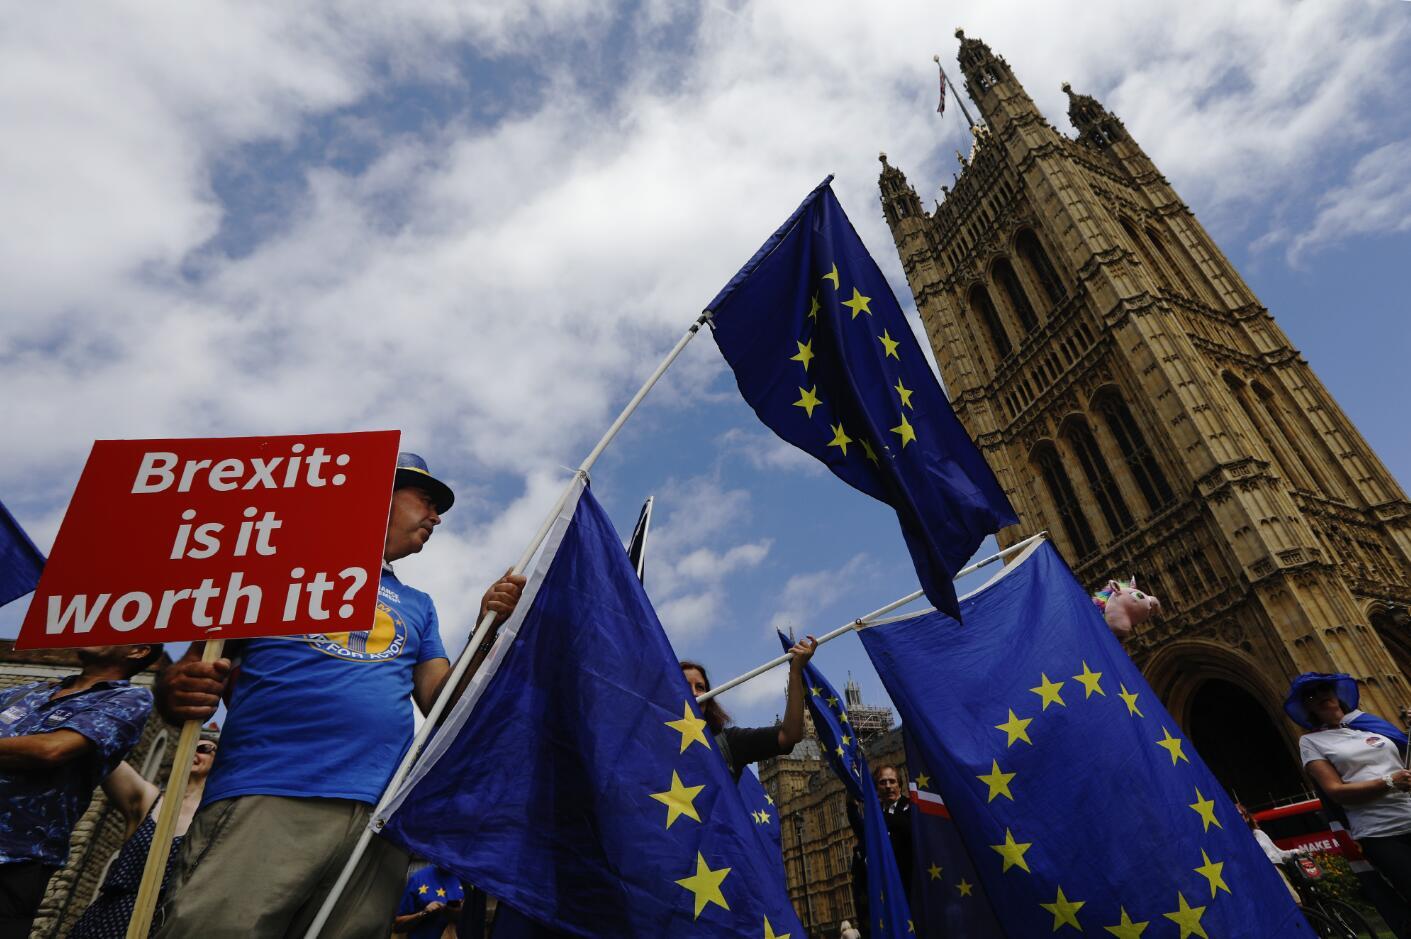 6月20日,希望繼續留在歐盟的英國民眾聚集在英國議會外示威。